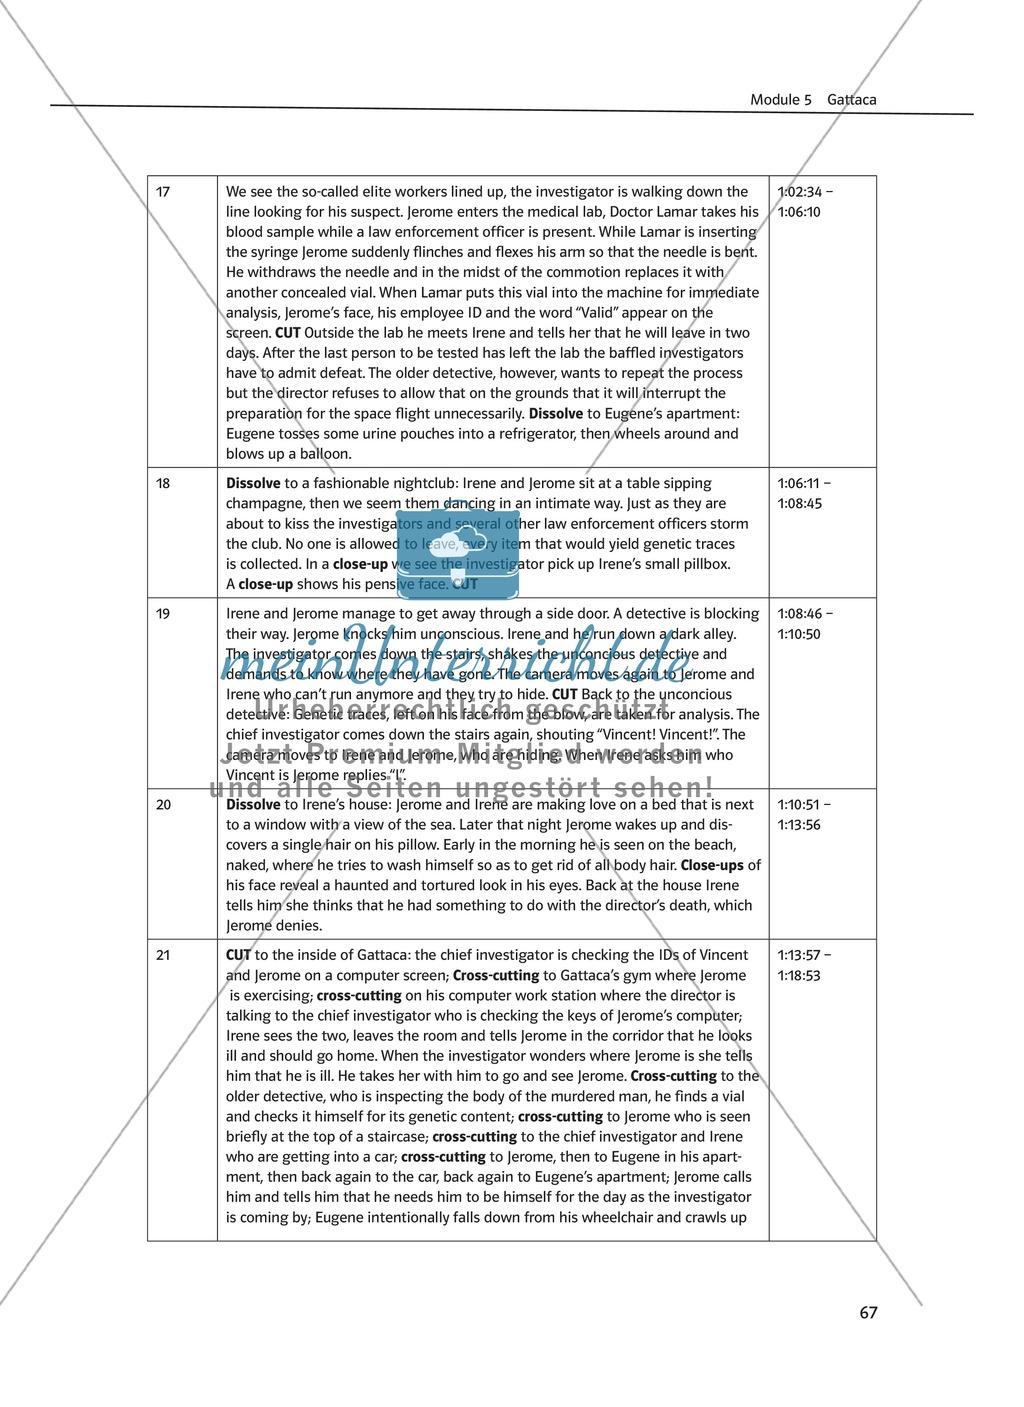 Gattaca - Allgemeine Informationen und Szenenprotokoll - Übersicht über Inhalt und Kameraeinstellungen Preview 4